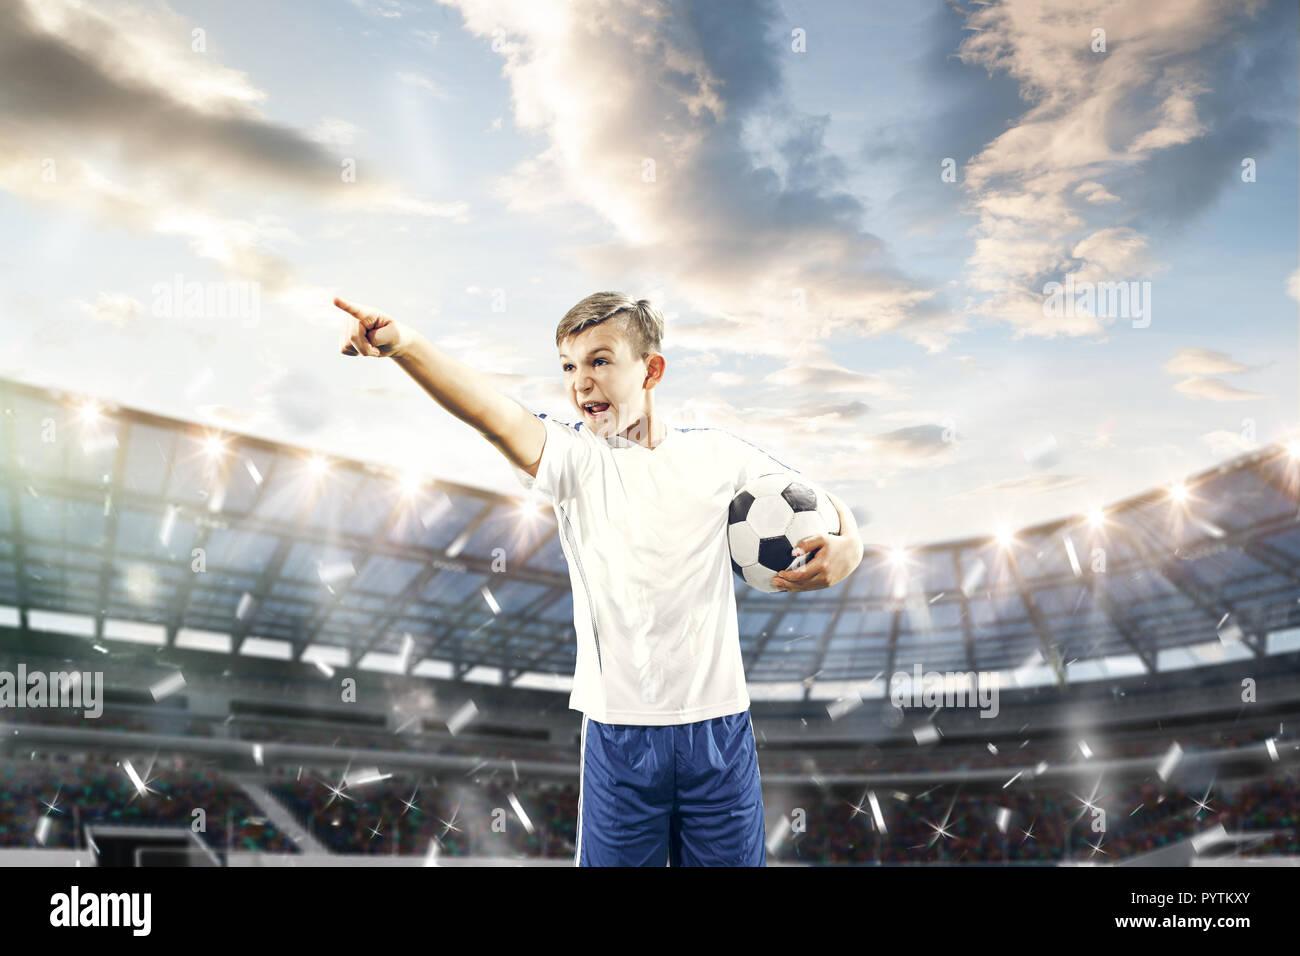 Joven con una pelota de fútbol haciendo patada voladora al estadio. fútbol  los jugadores en 94177e9d206b3